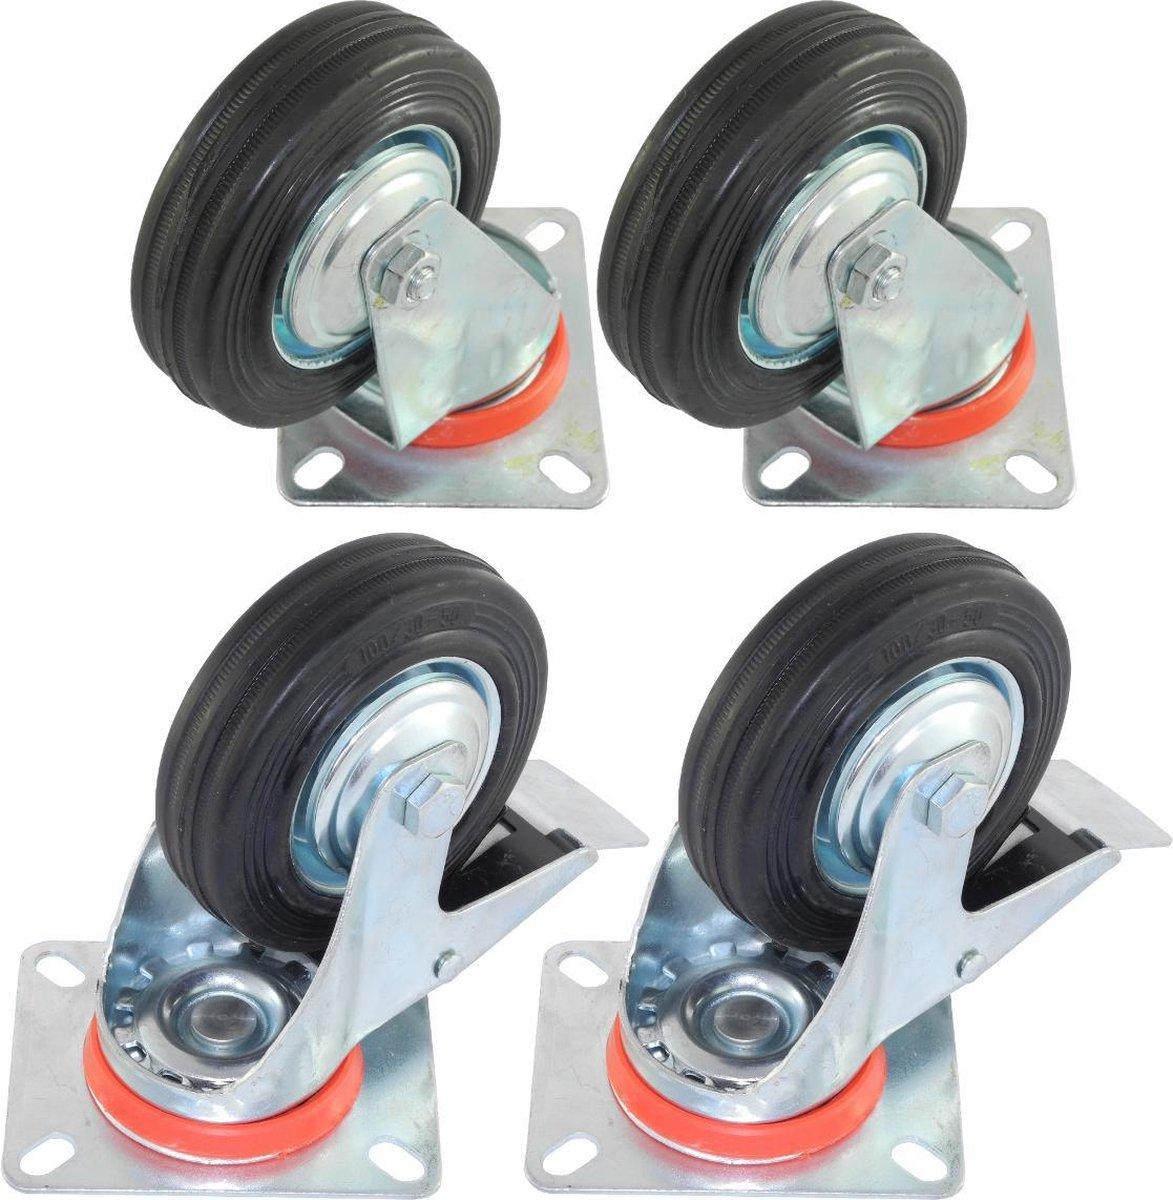 Set van 4 zwenkwielen transportwielen 100mm   2x met + 2x zonder rem   Draagvermogen 4x70kg Bevestig